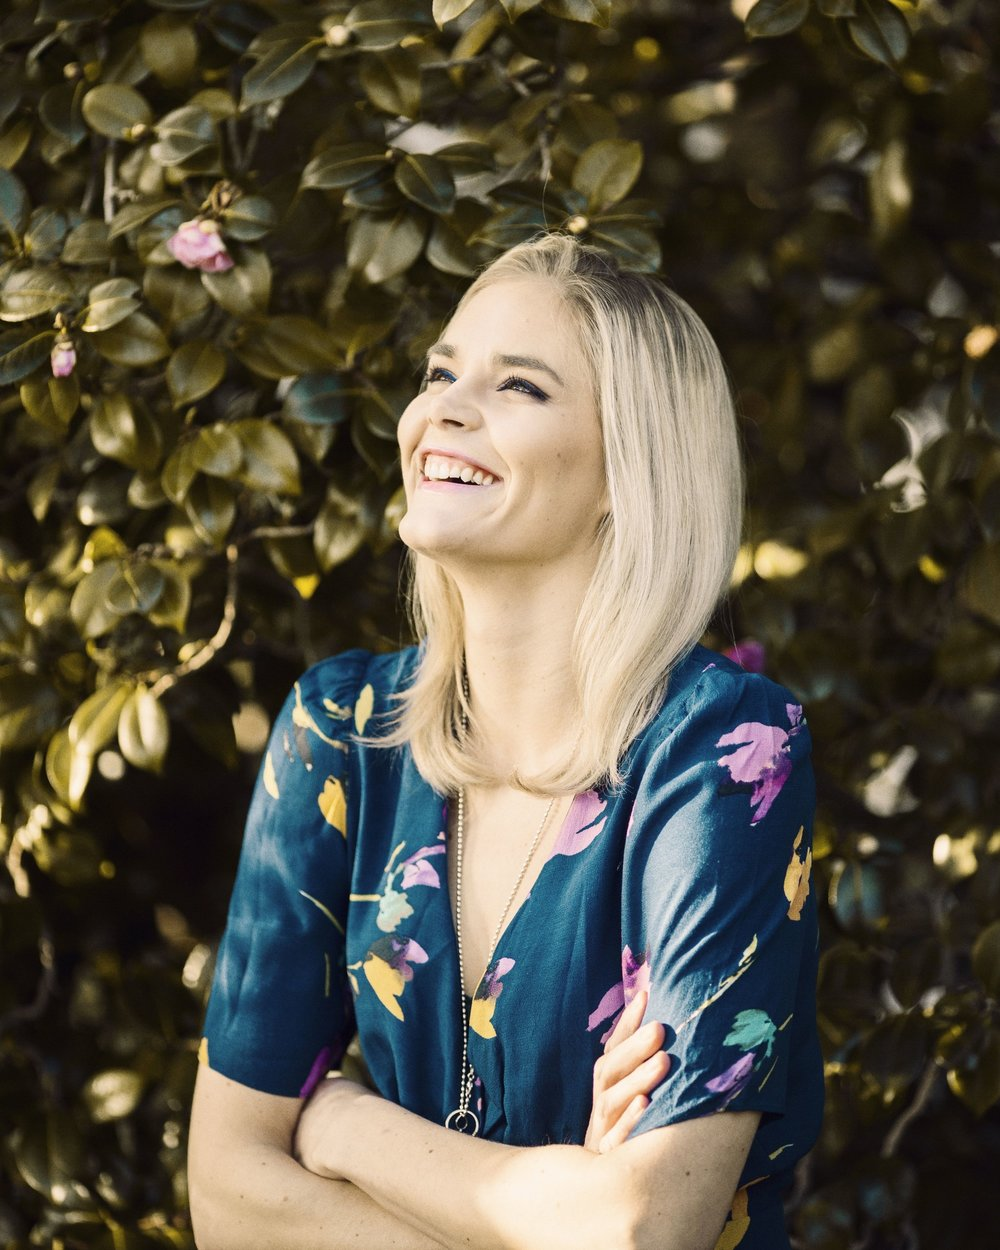 Marja Kihlström   on erityistason seksuaaliterapeutti, joka pitää suosittua  Puhu Muru  -blogia. Marjan herkkä ja ymmärtävä tapa puhua seksuaalisuudesta kannustaa lukijoita rakastamaan itseään ja nauttimaan omasta kehostaan.    Arvostelukappaleet ja haastattelut  >  heini.salminen@kosmoskirjat.fi    Pressikuvat  >  Kansi   I   Marja Kihlstöm  (kuva: Meri Björn)